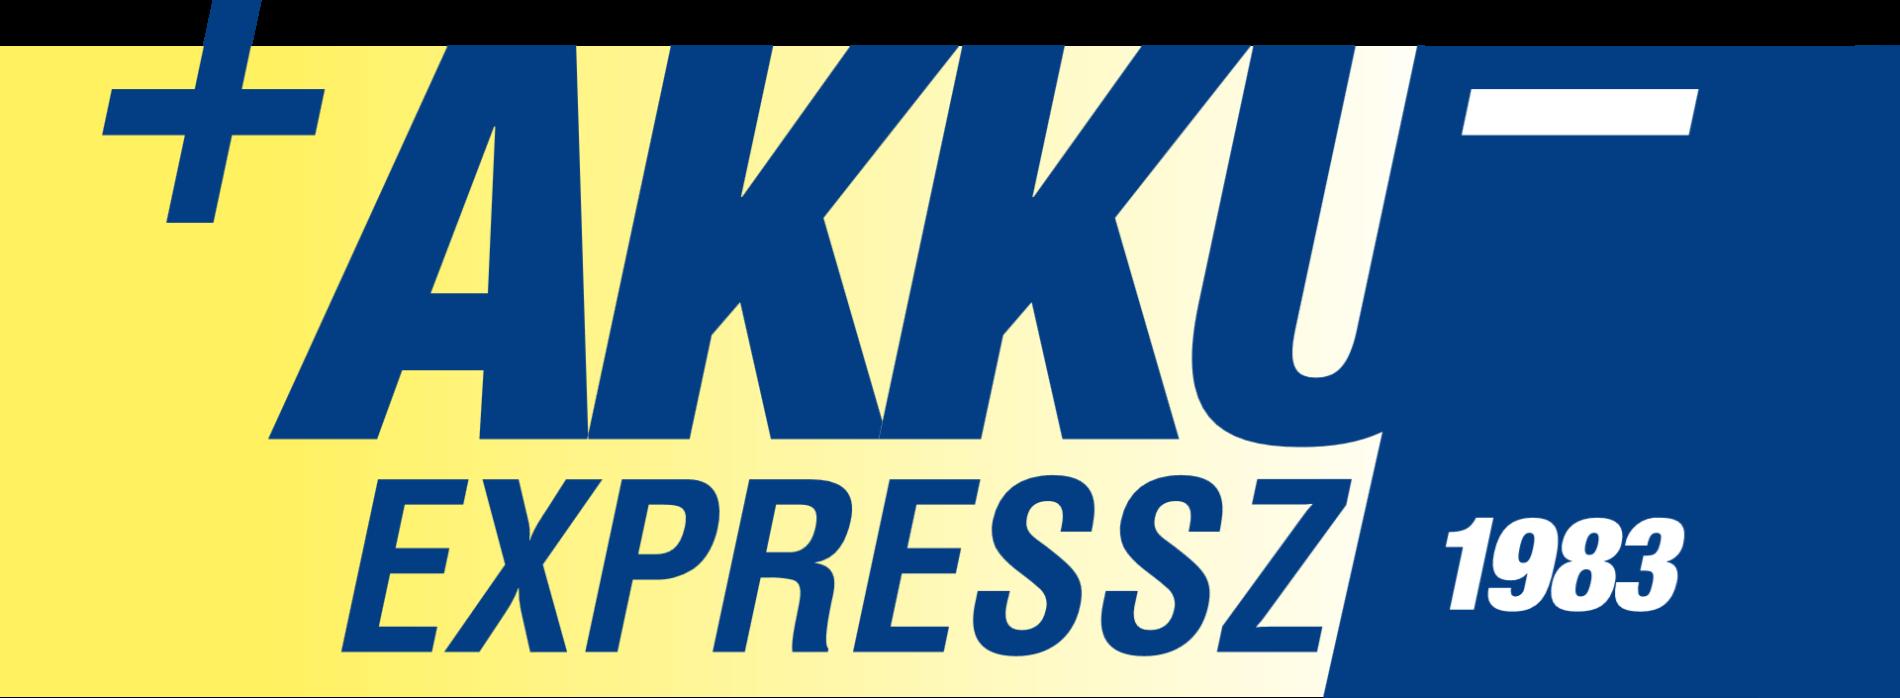 Akku Expressz